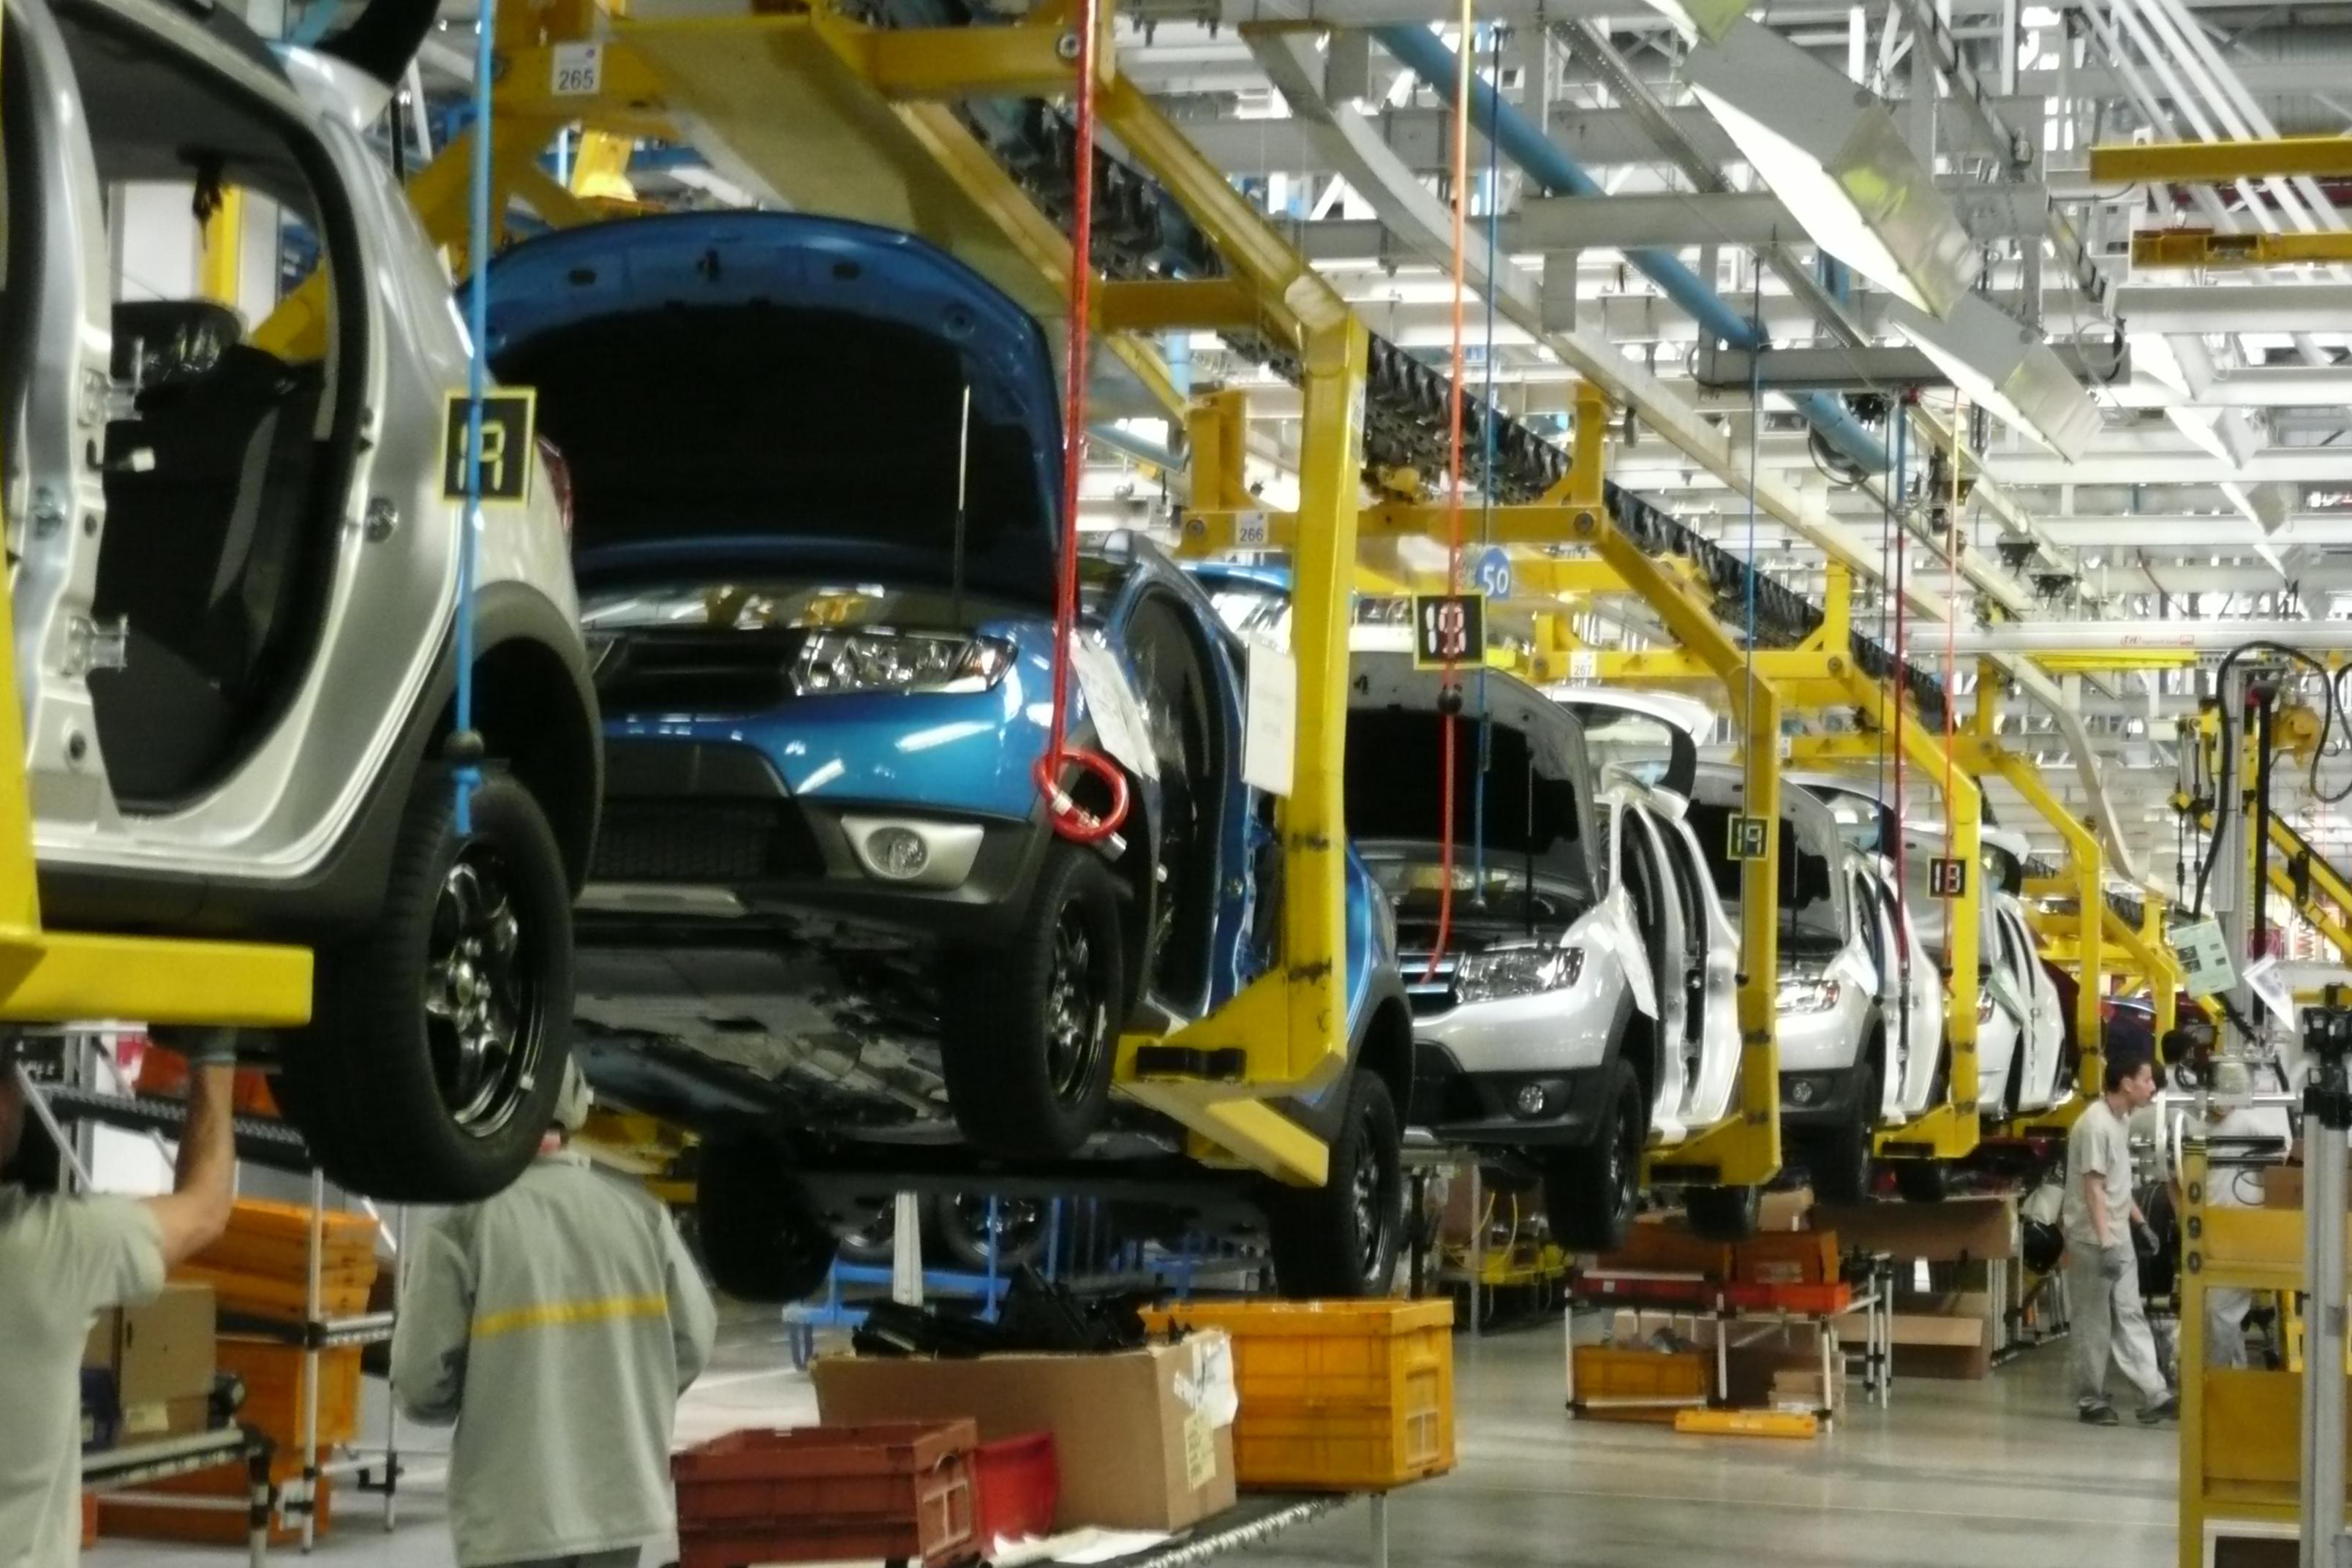 قطاع السيارات يدخل أمريكا في مواجهة حرب تجارية عالمية متعددة القوى